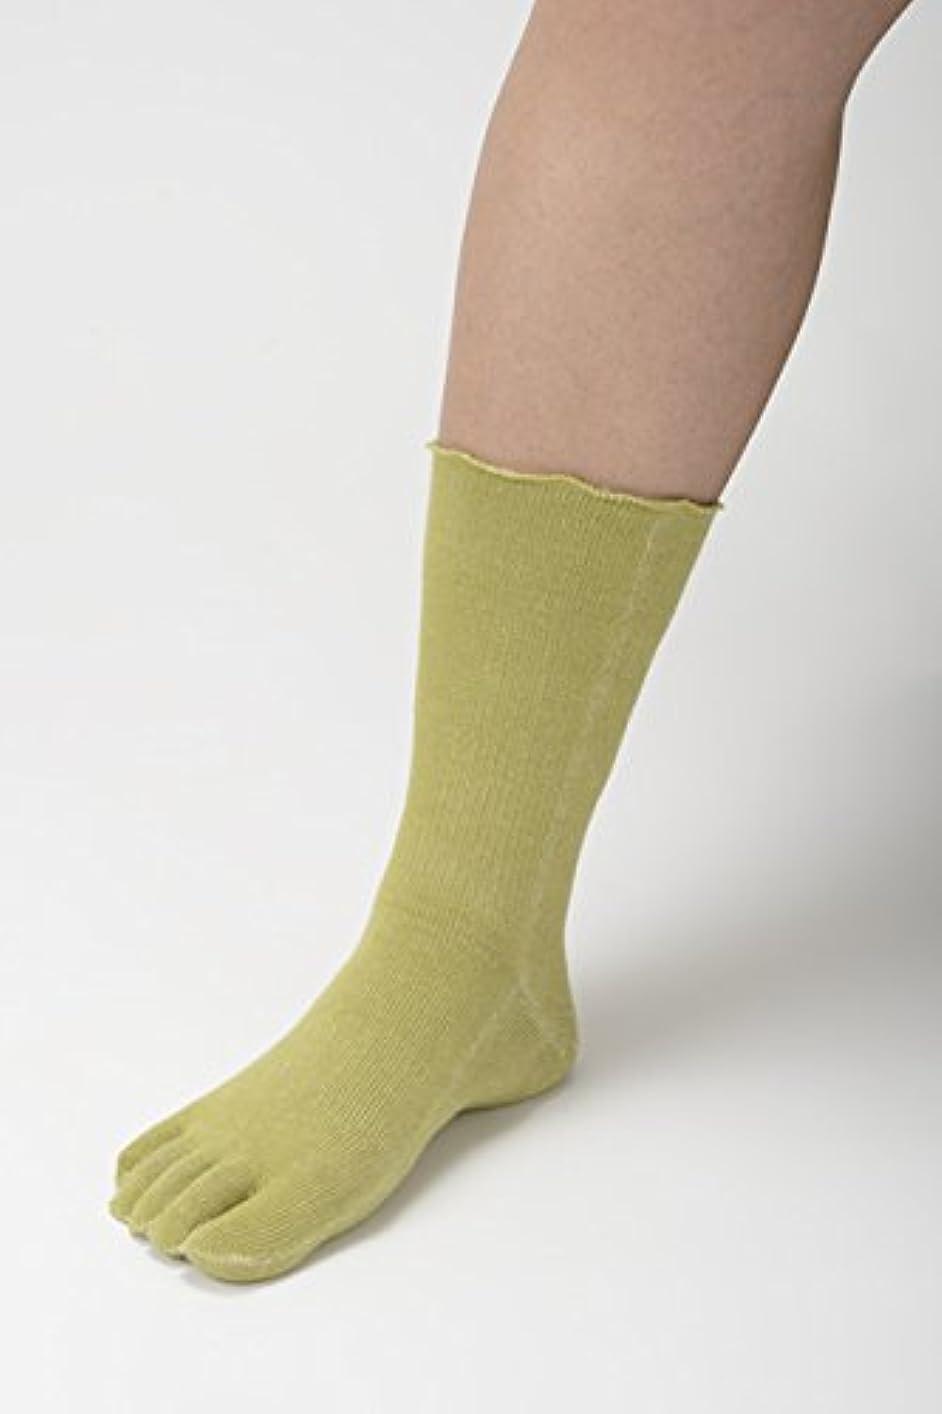 増幅する確立します発疹竹布 TAKEFU 5本指ソックス ライトグリーン25-27cm